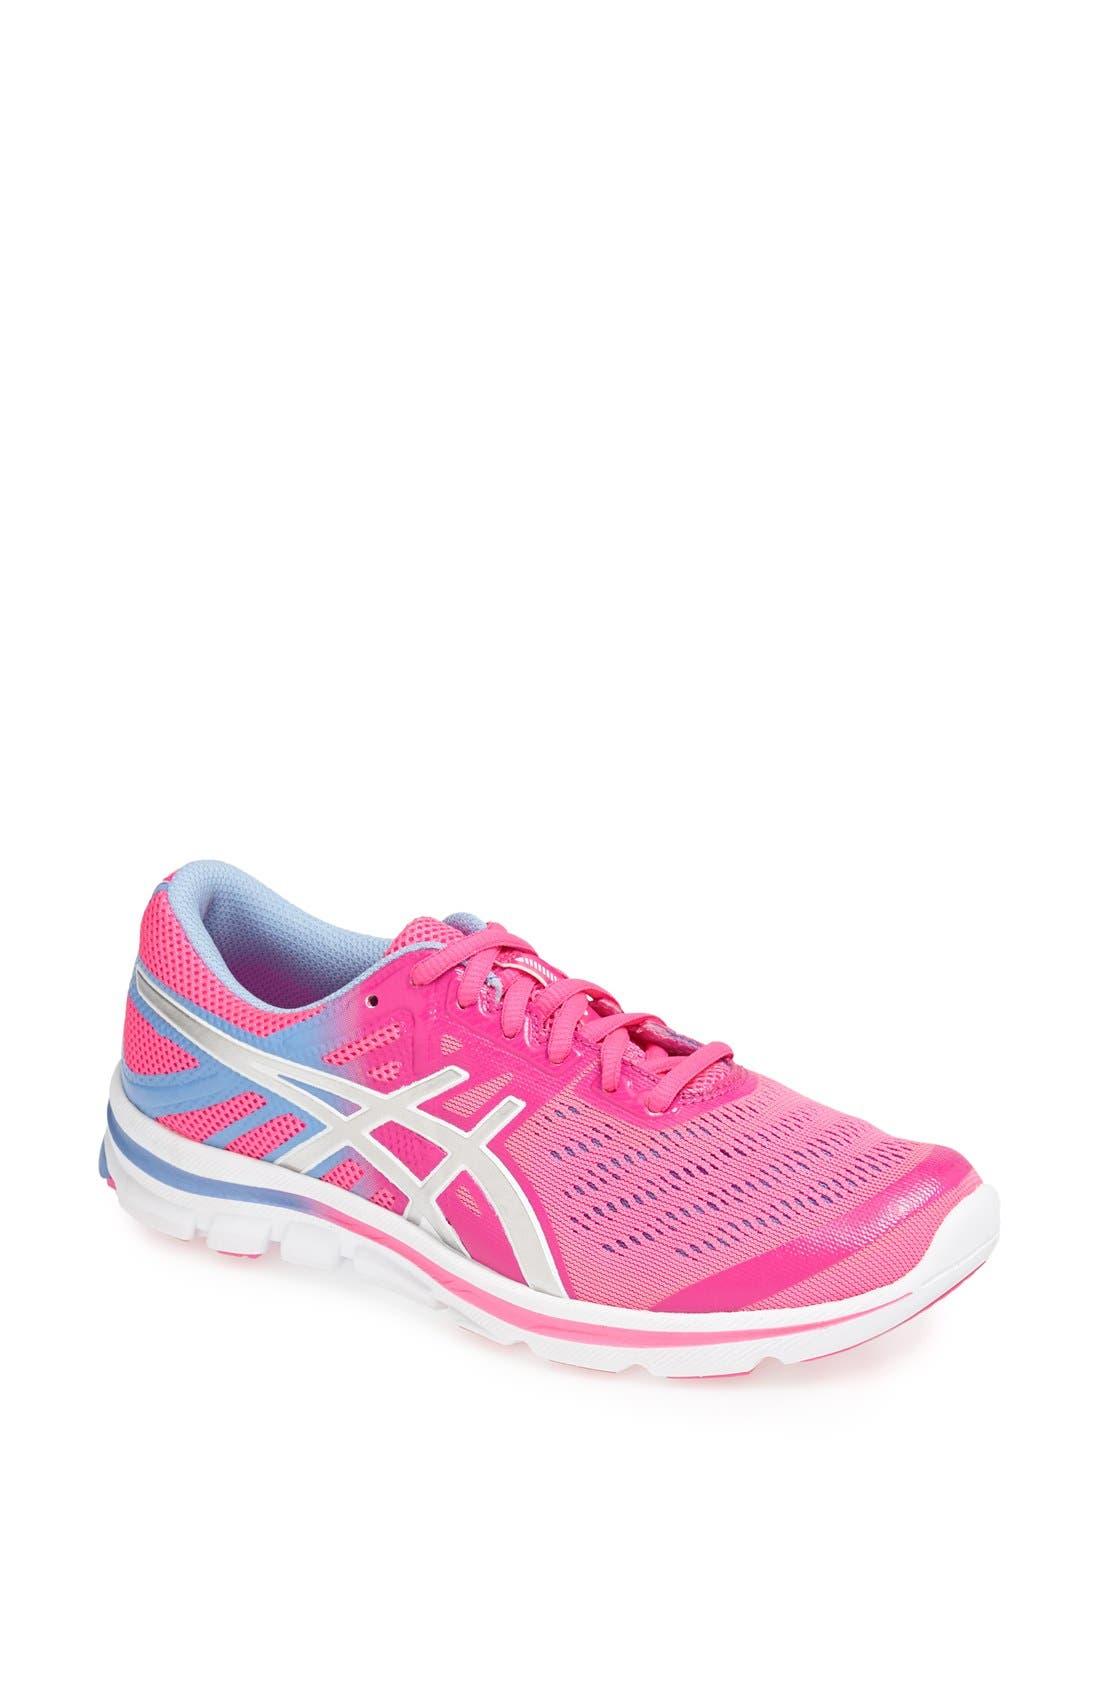 Main Image - ASICS® 'Gel-Electro 33' Running Shoe (Women)